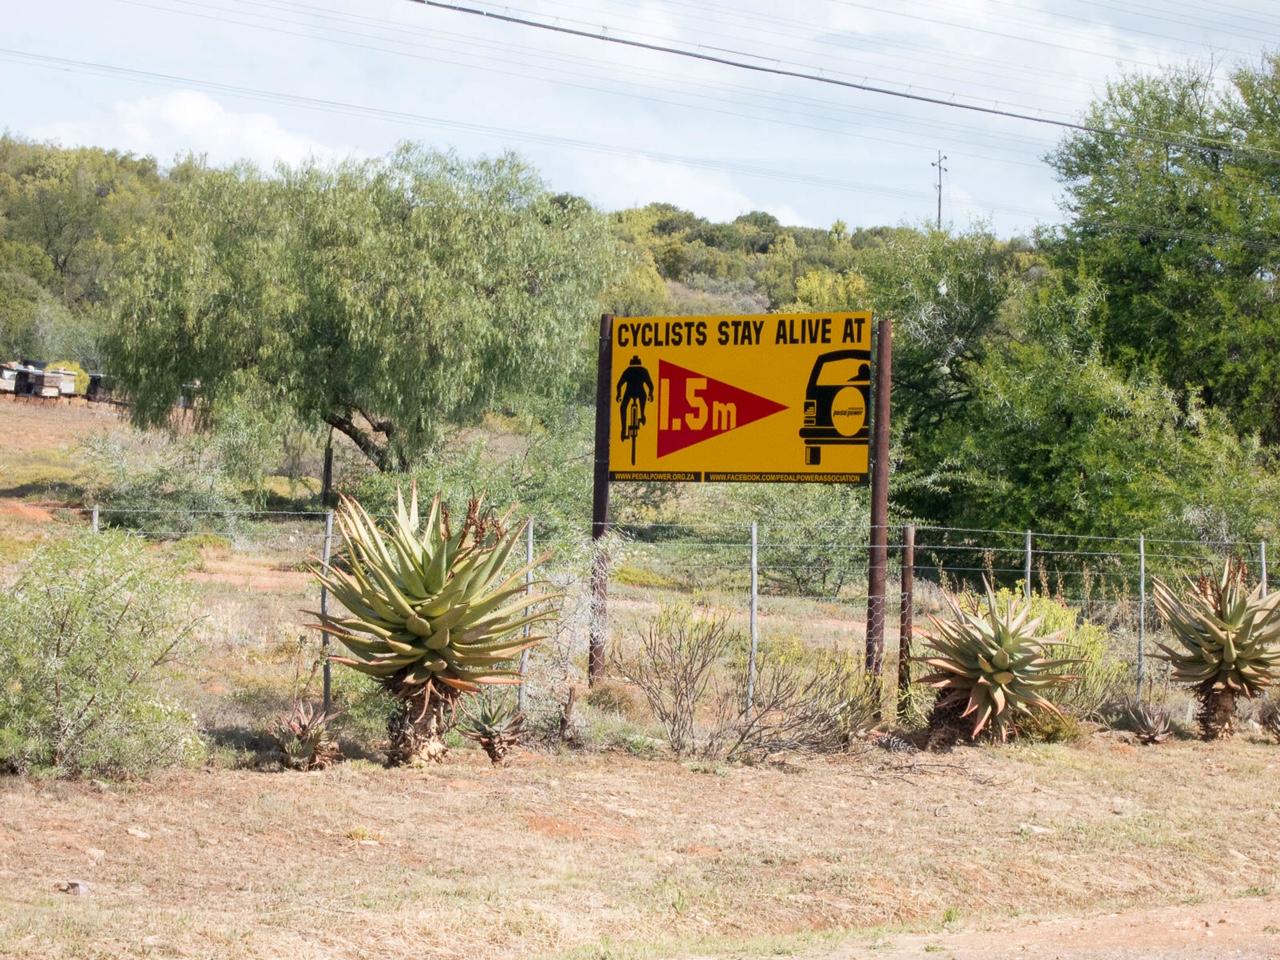 Skylt i Sydafrika